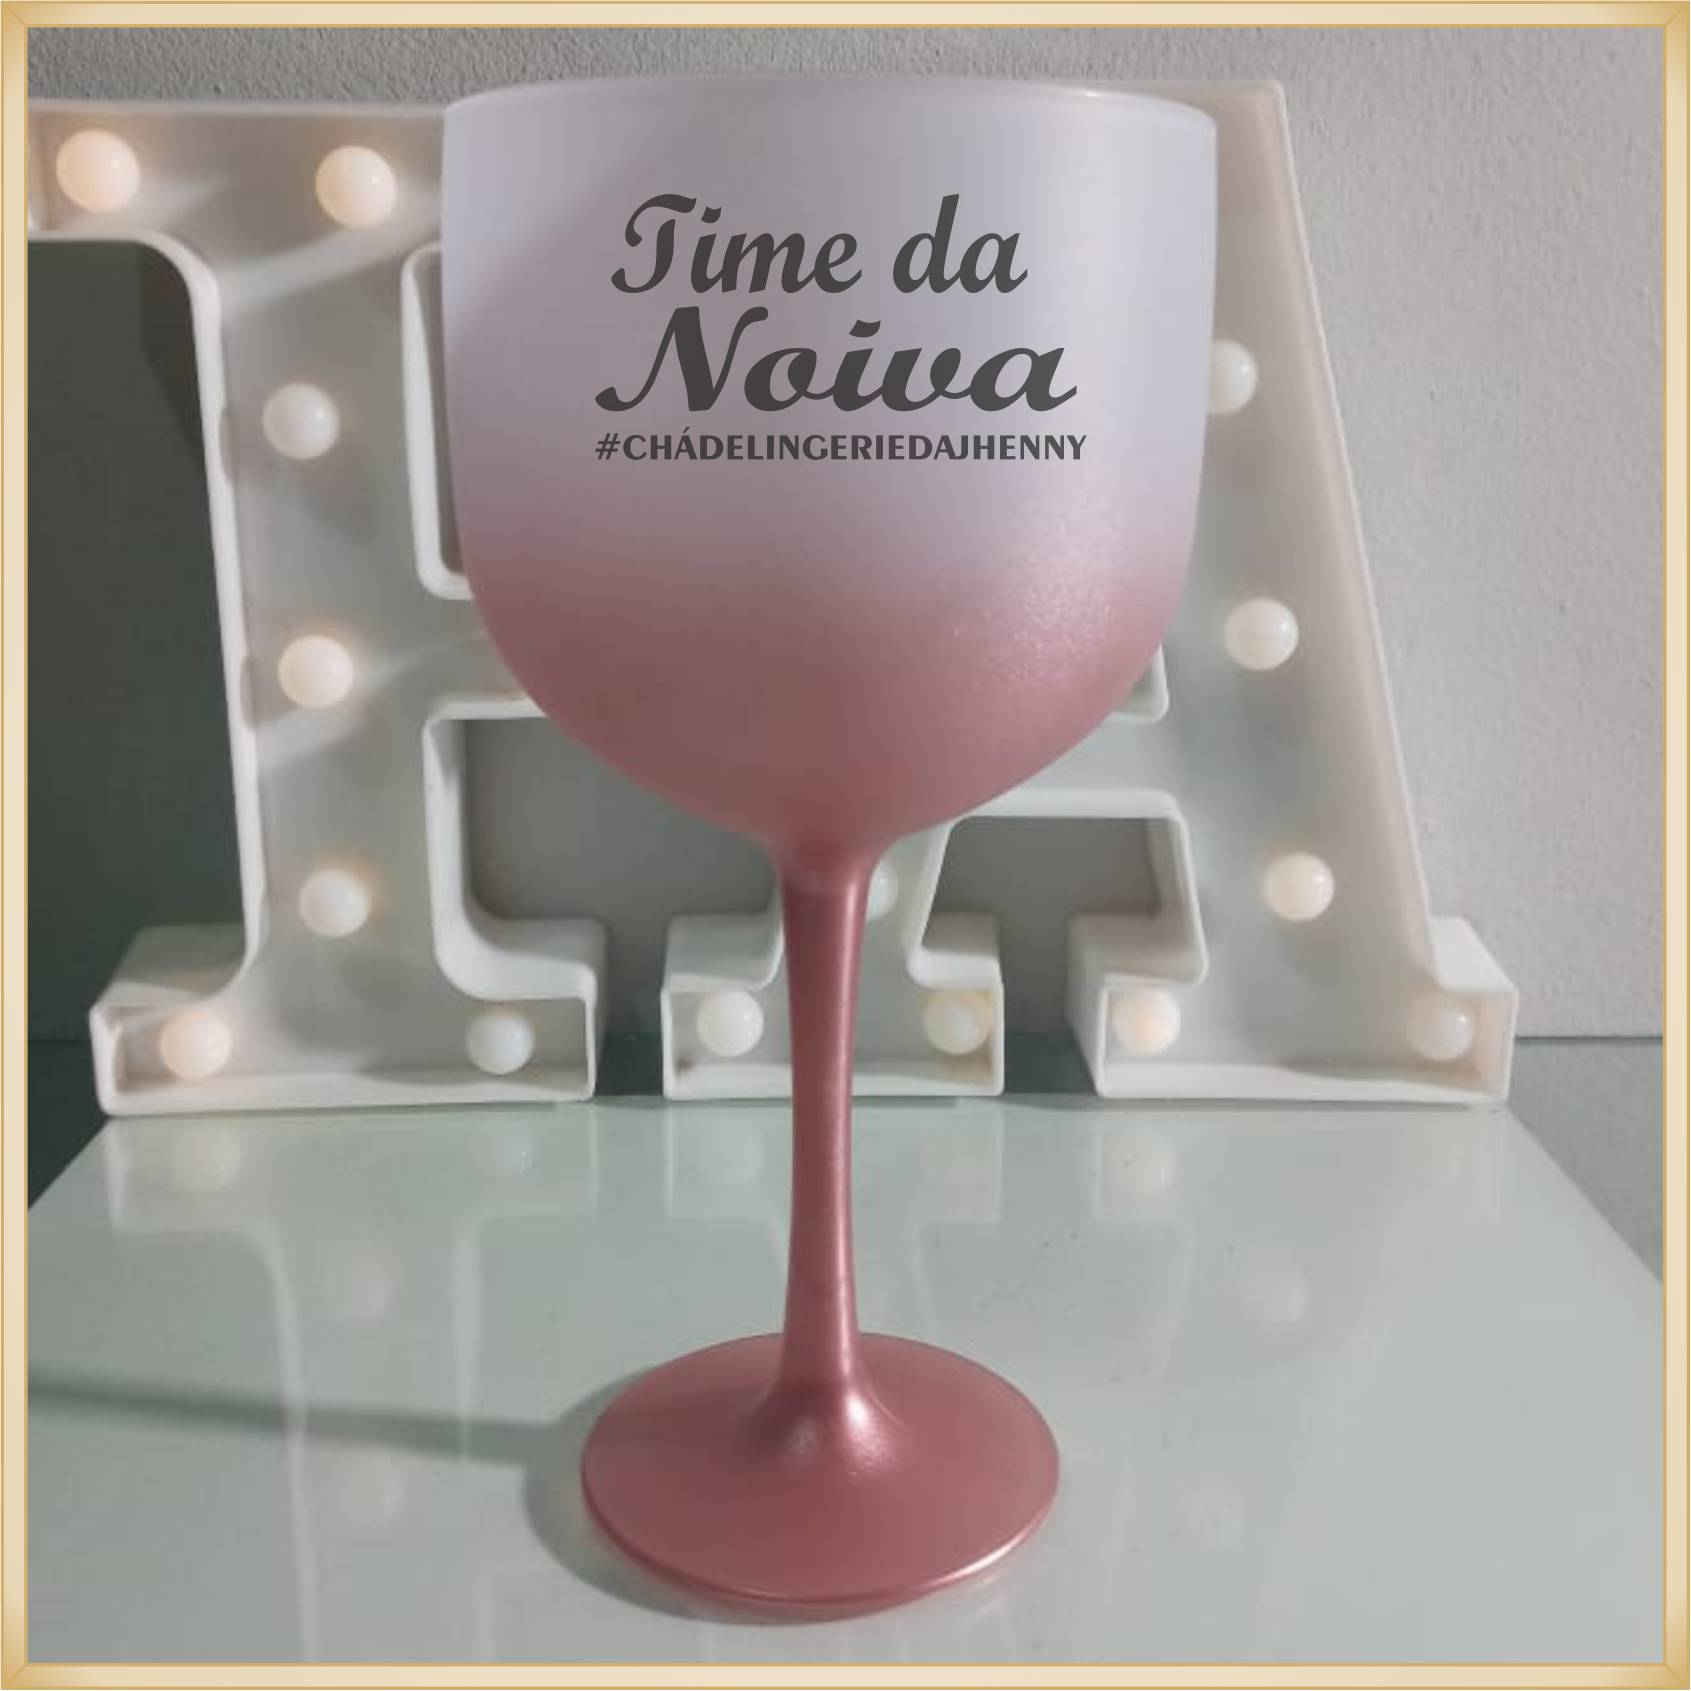 Taças de gin Degradê personalizada Casamento - produto de alta qualidade, brilhante, ótimo acabamento, parede 2,5 mm, material atóxico, 580 ml. 10 unid